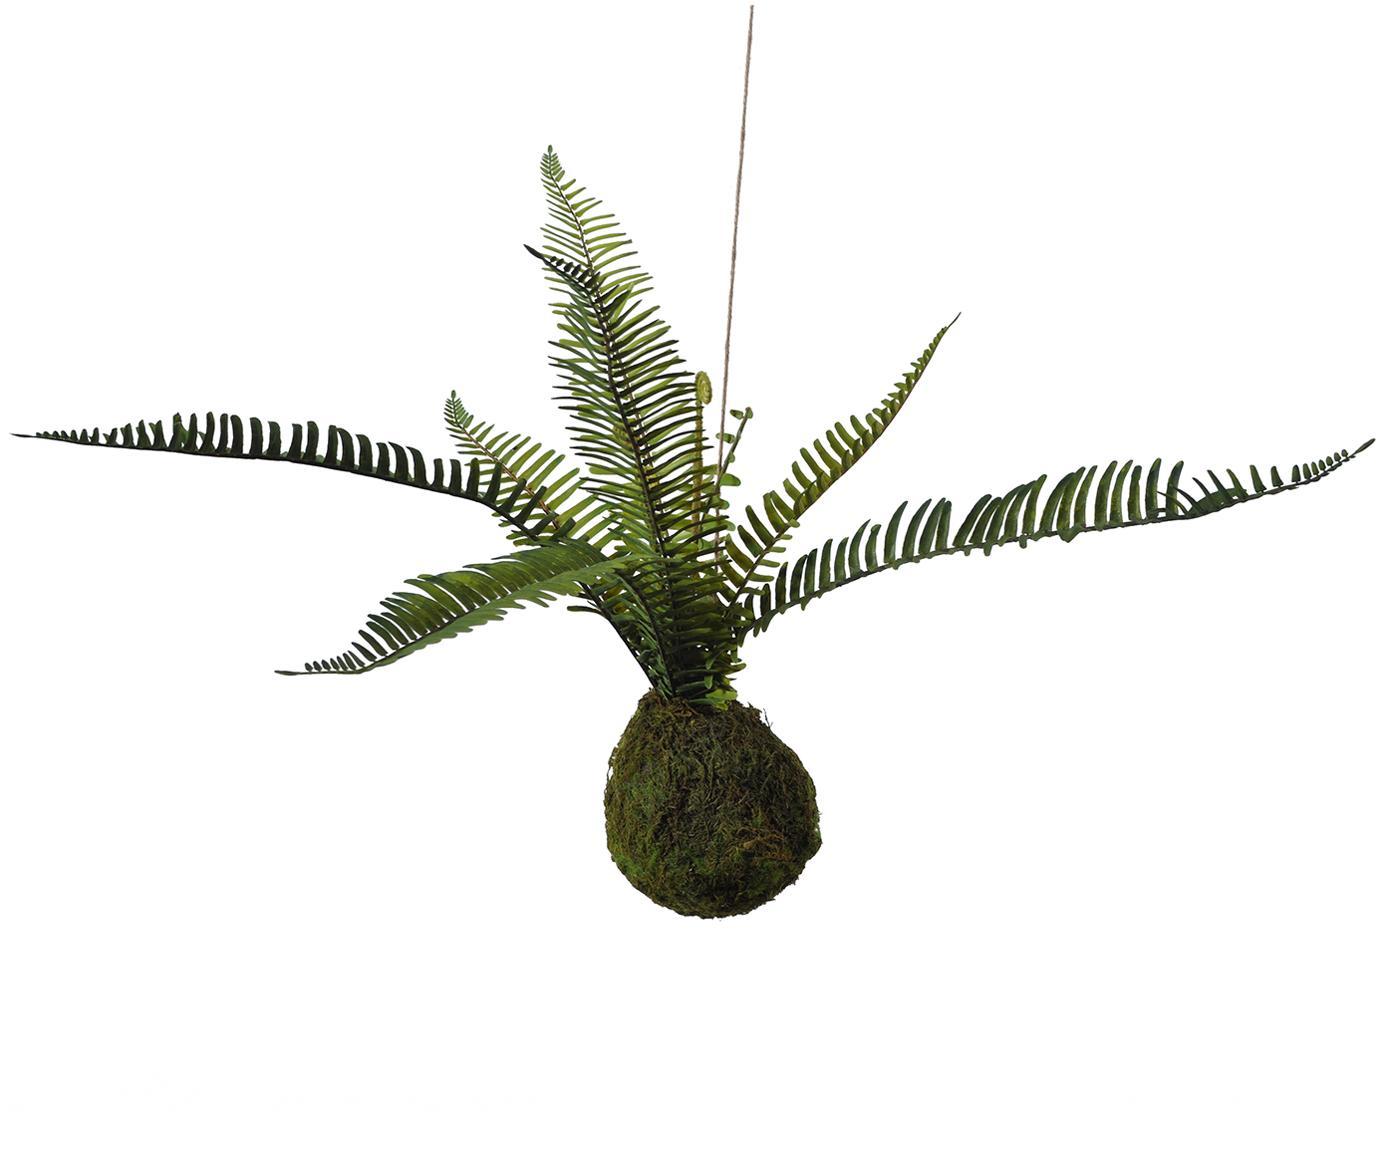 Flor artificial helecho Fiona, Plástico, espuma, poliéster, silicato sódico, sisal, metal, Verde, marrón, Al 55 cm